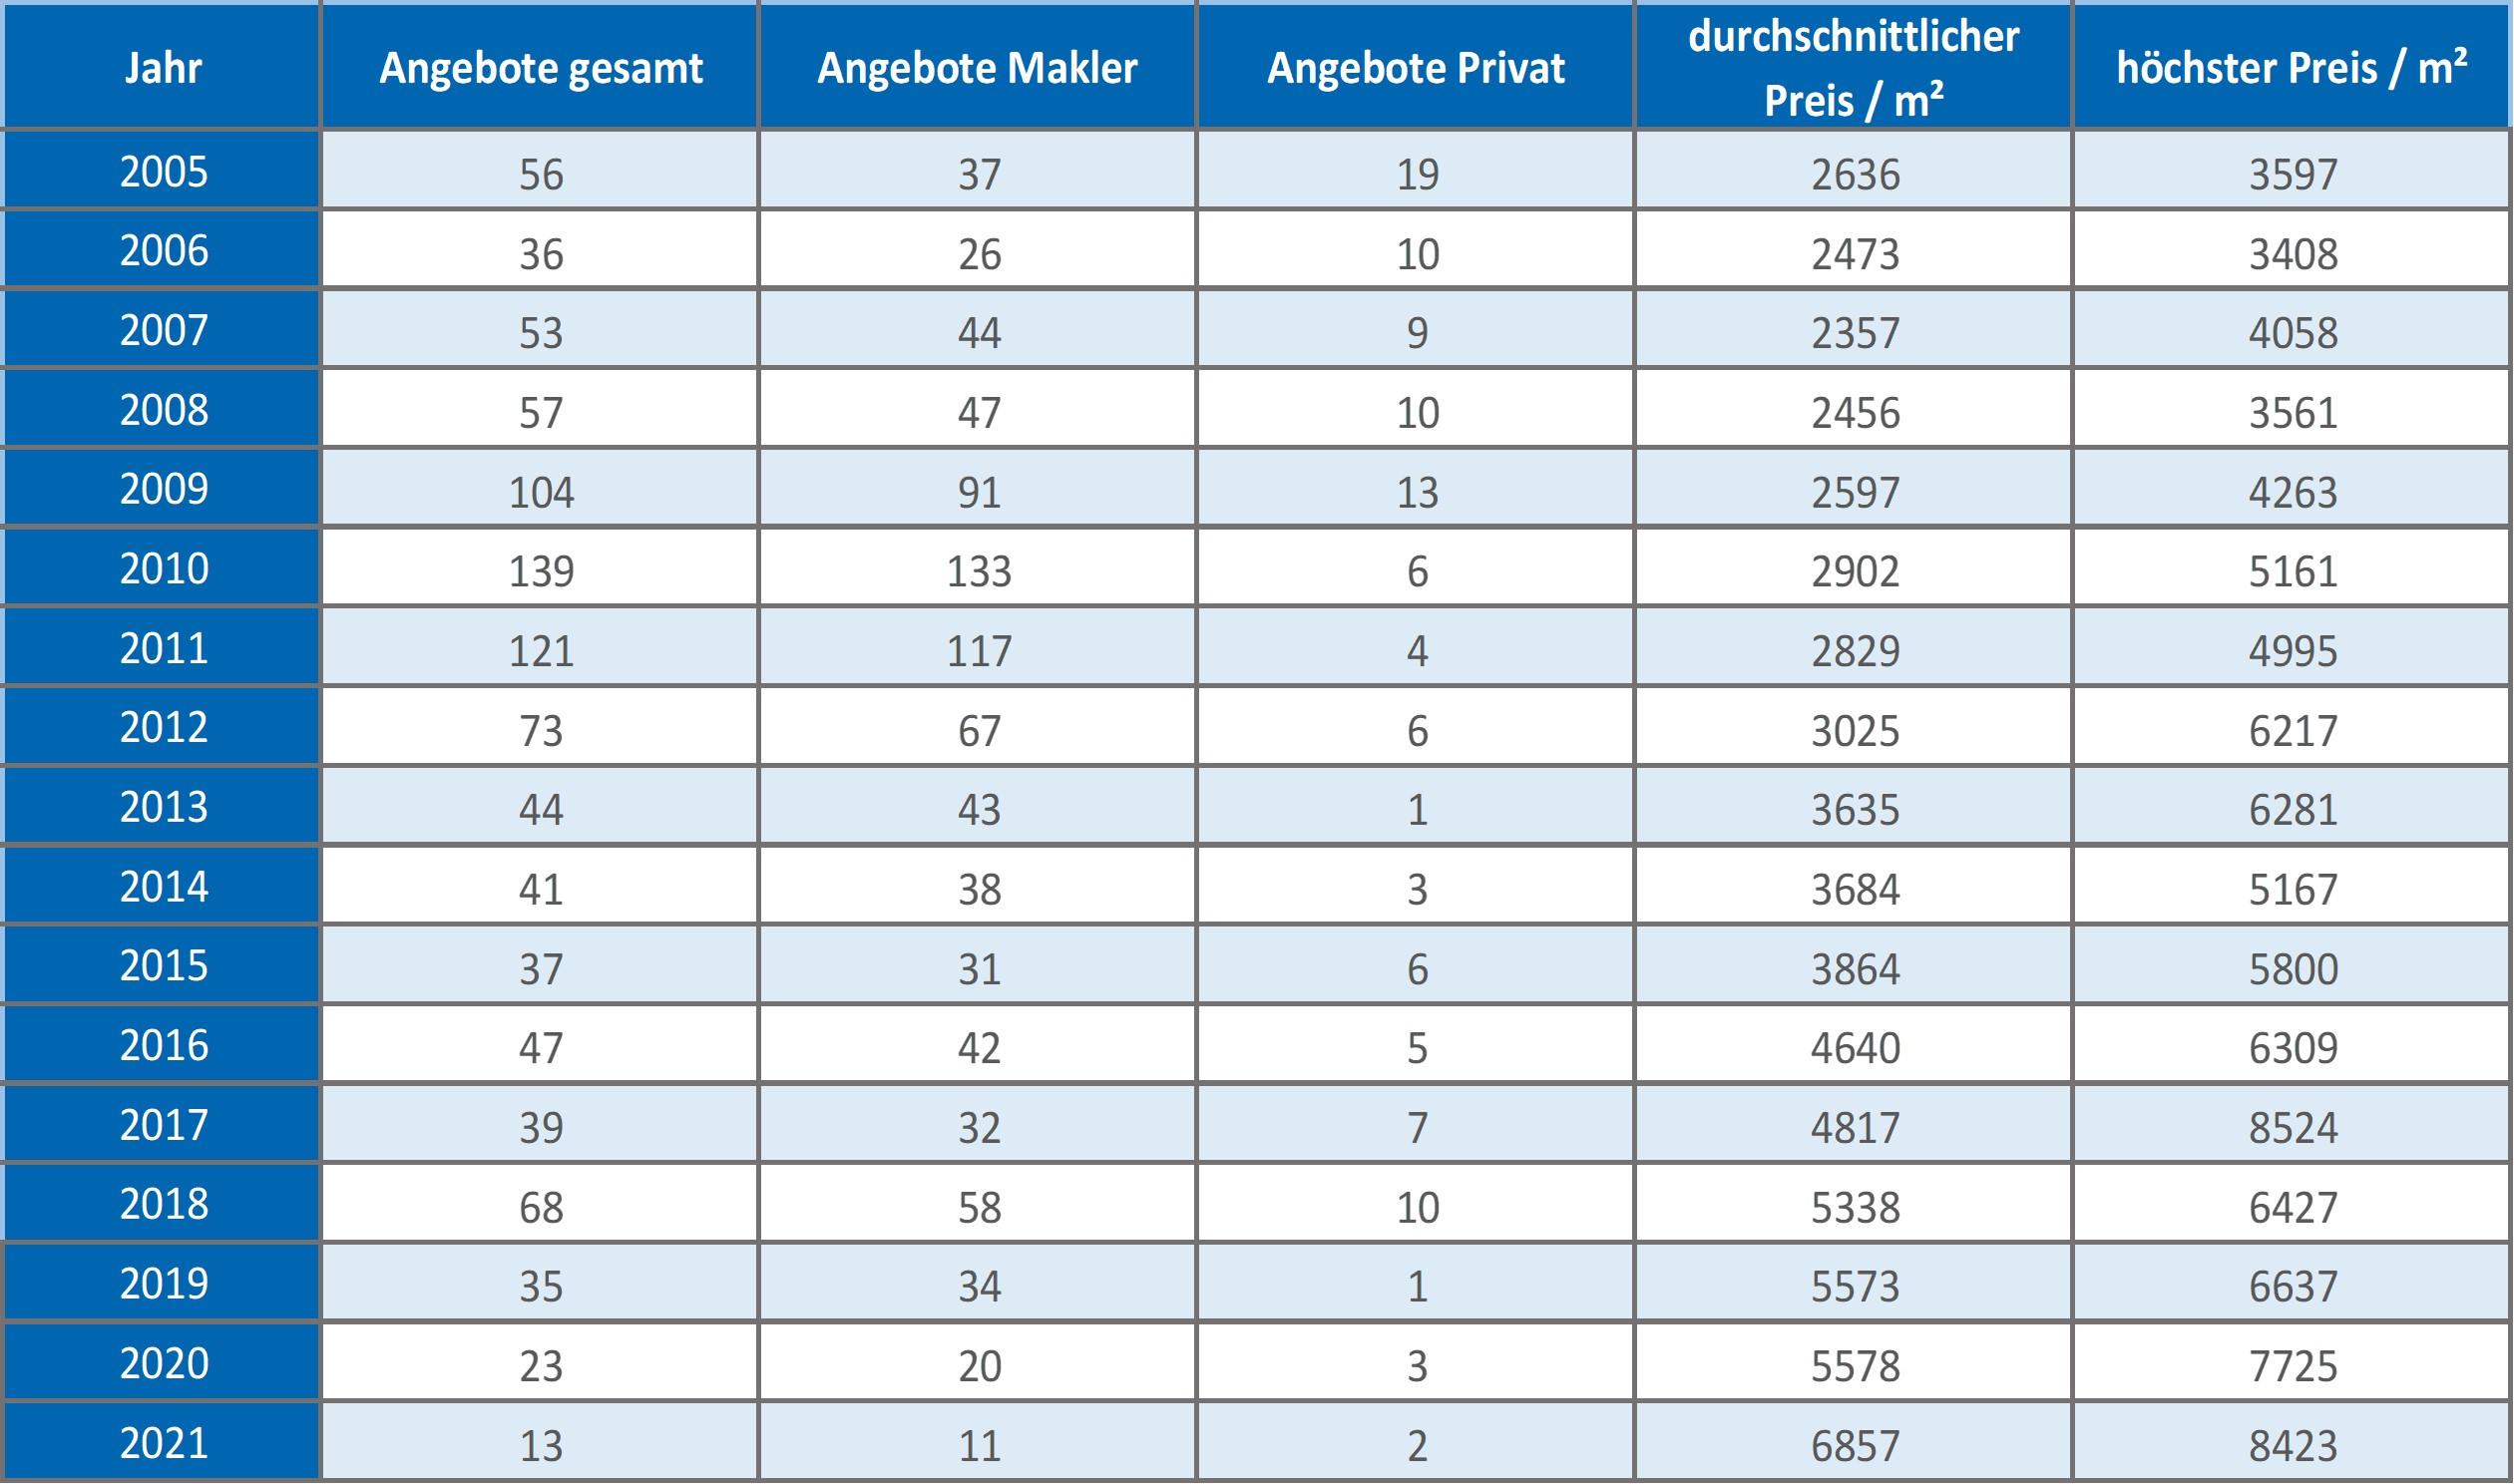 Zorneding-Wohnung-kaufen-verkaufen-Makler 2019 2020 2021